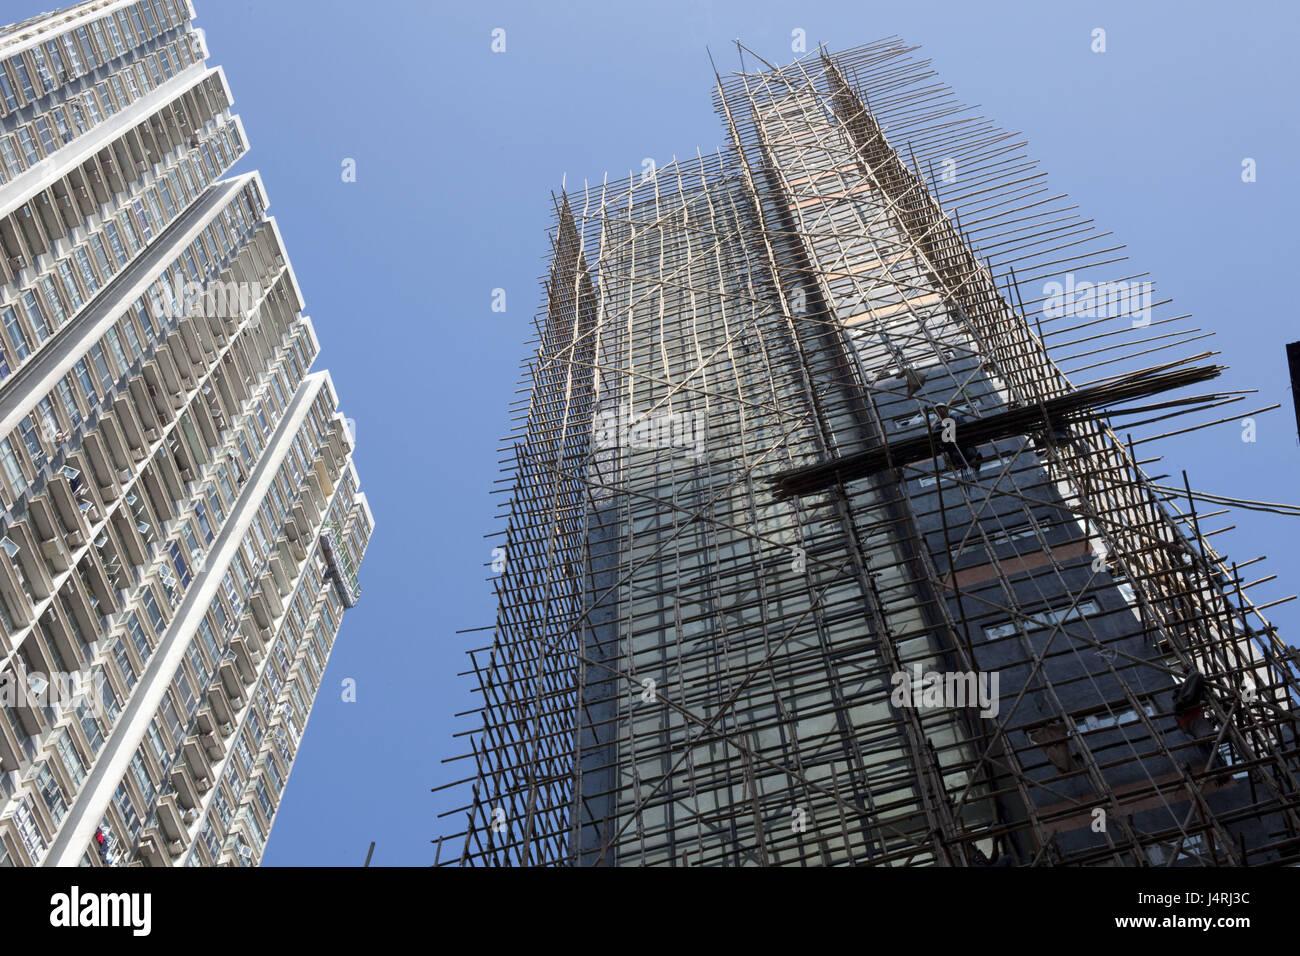 China, Hong Kong, high rise, bamboo scaffolding, - Stock Image